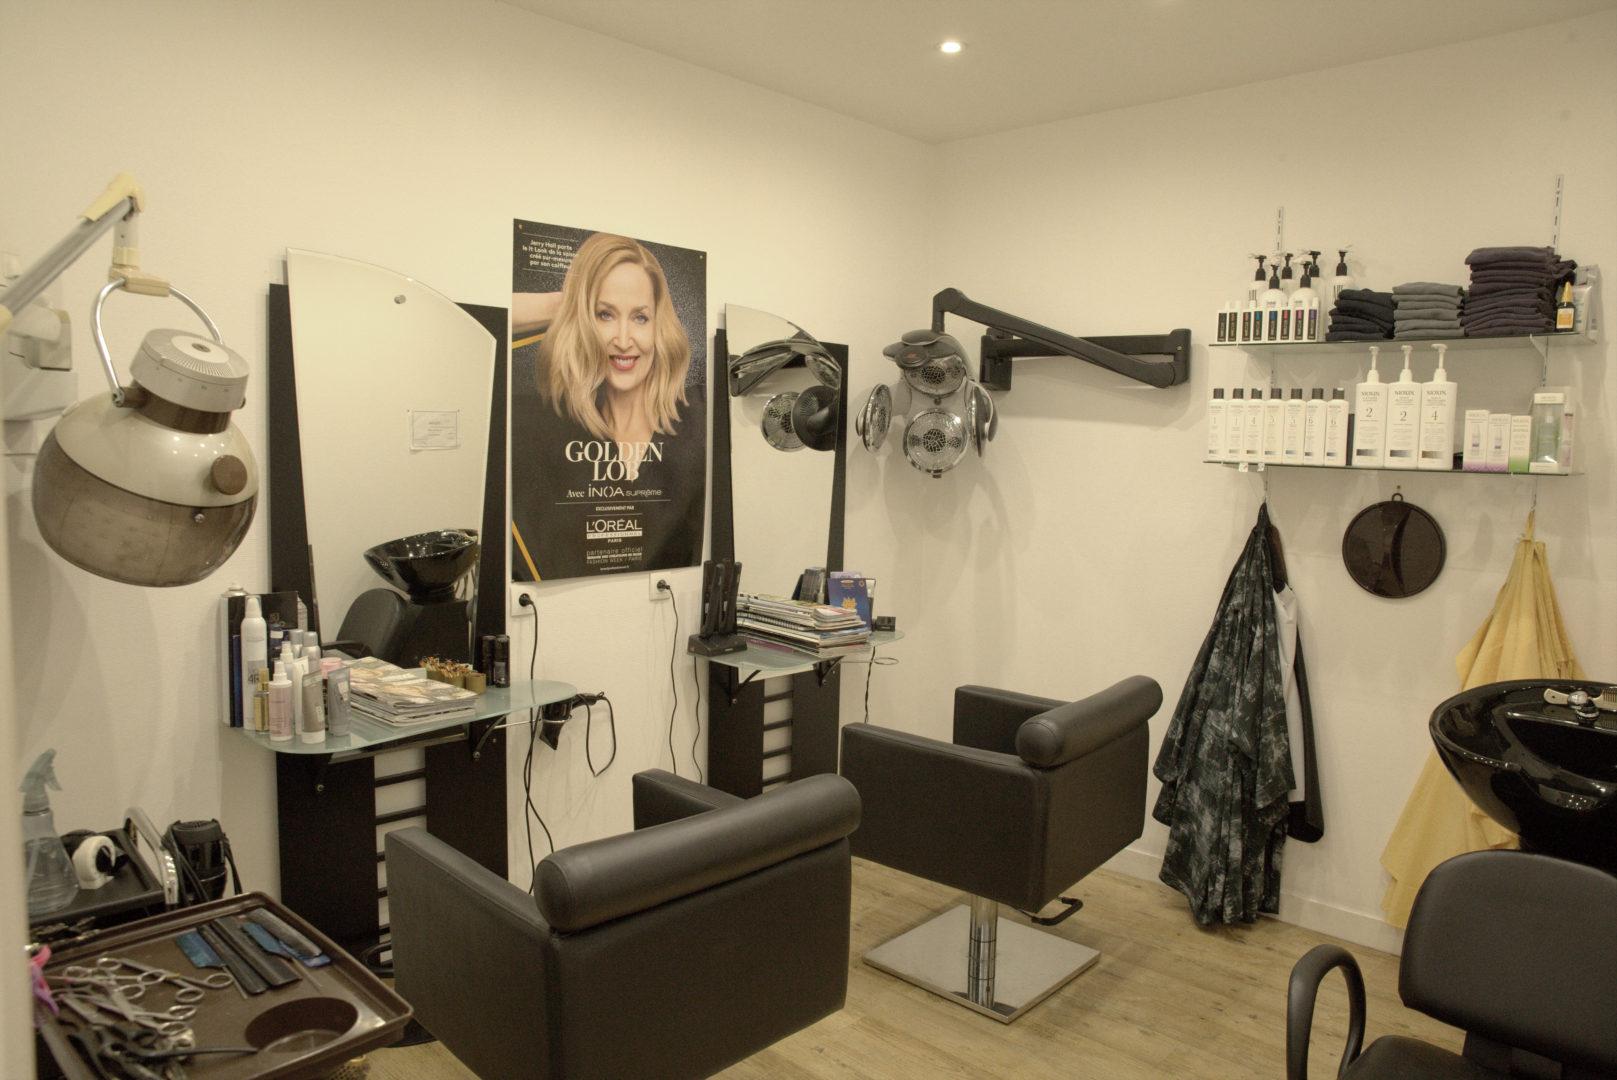 cabine-2-copie - New Hair Institut